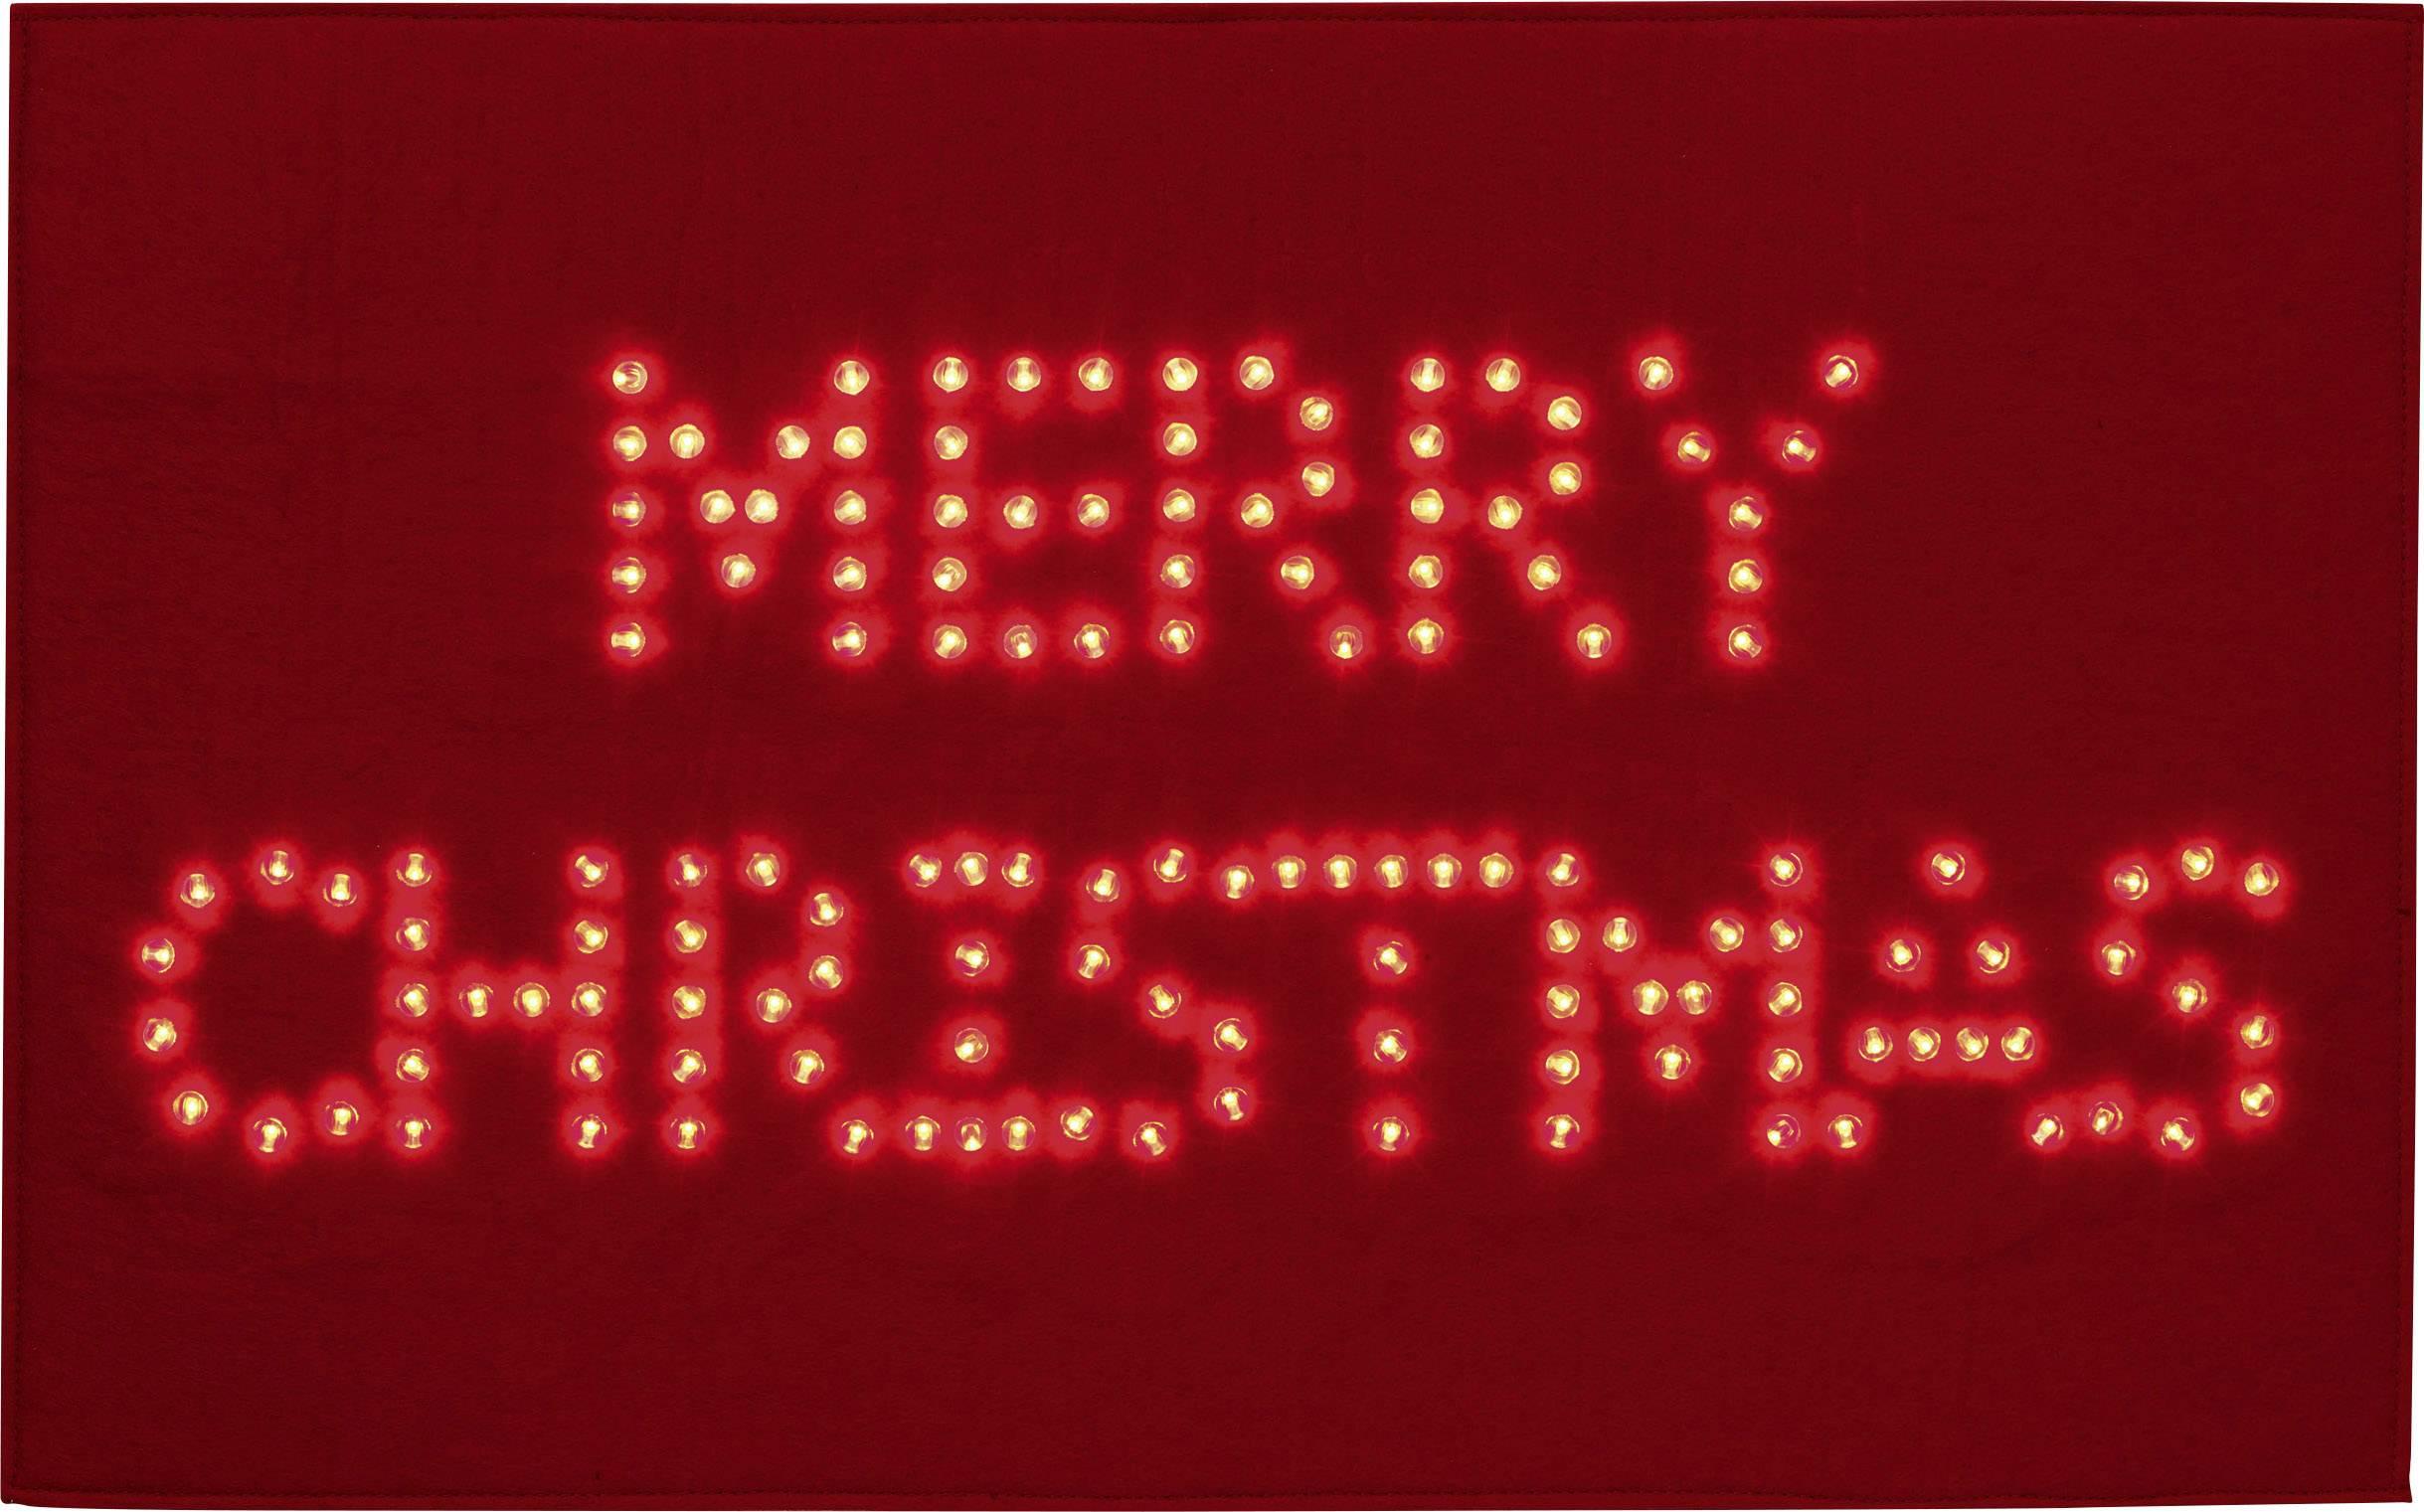 Vánoční LED rohožka Polarlite PDE-05-001, do sítě, červená, Merry Christmas